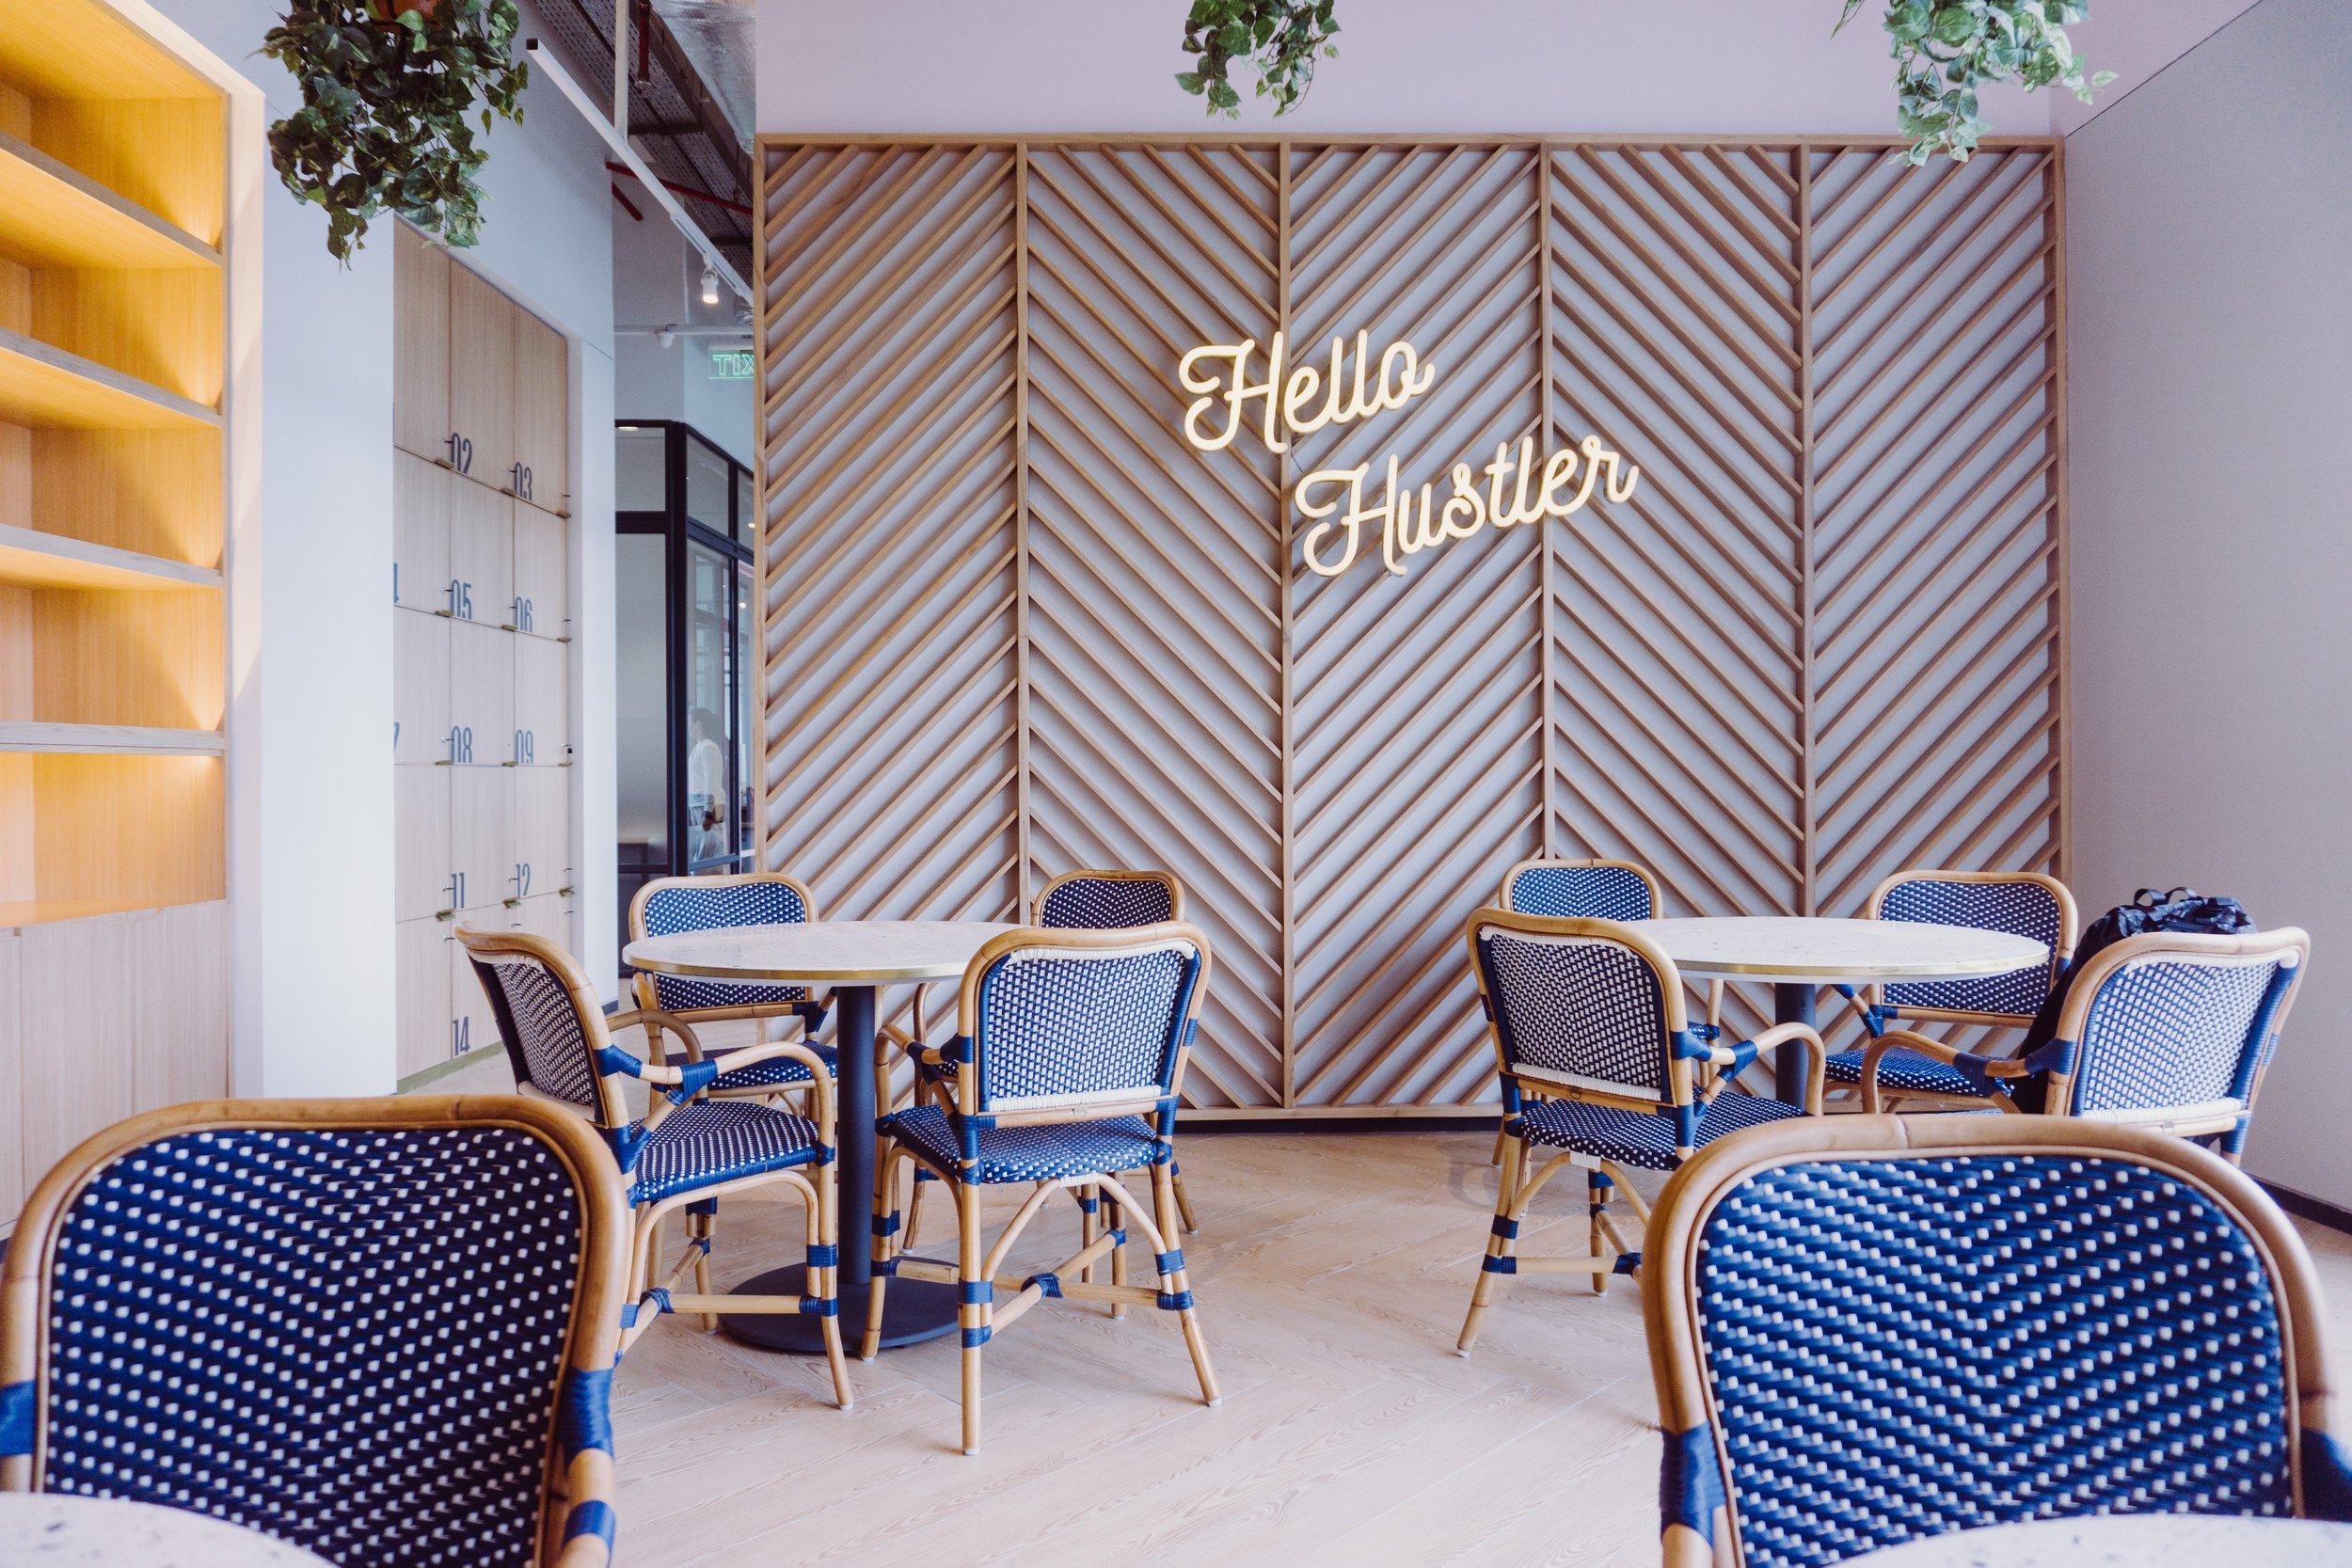 Restaurant Design Trends 2019 - 'Instagrammable' Design